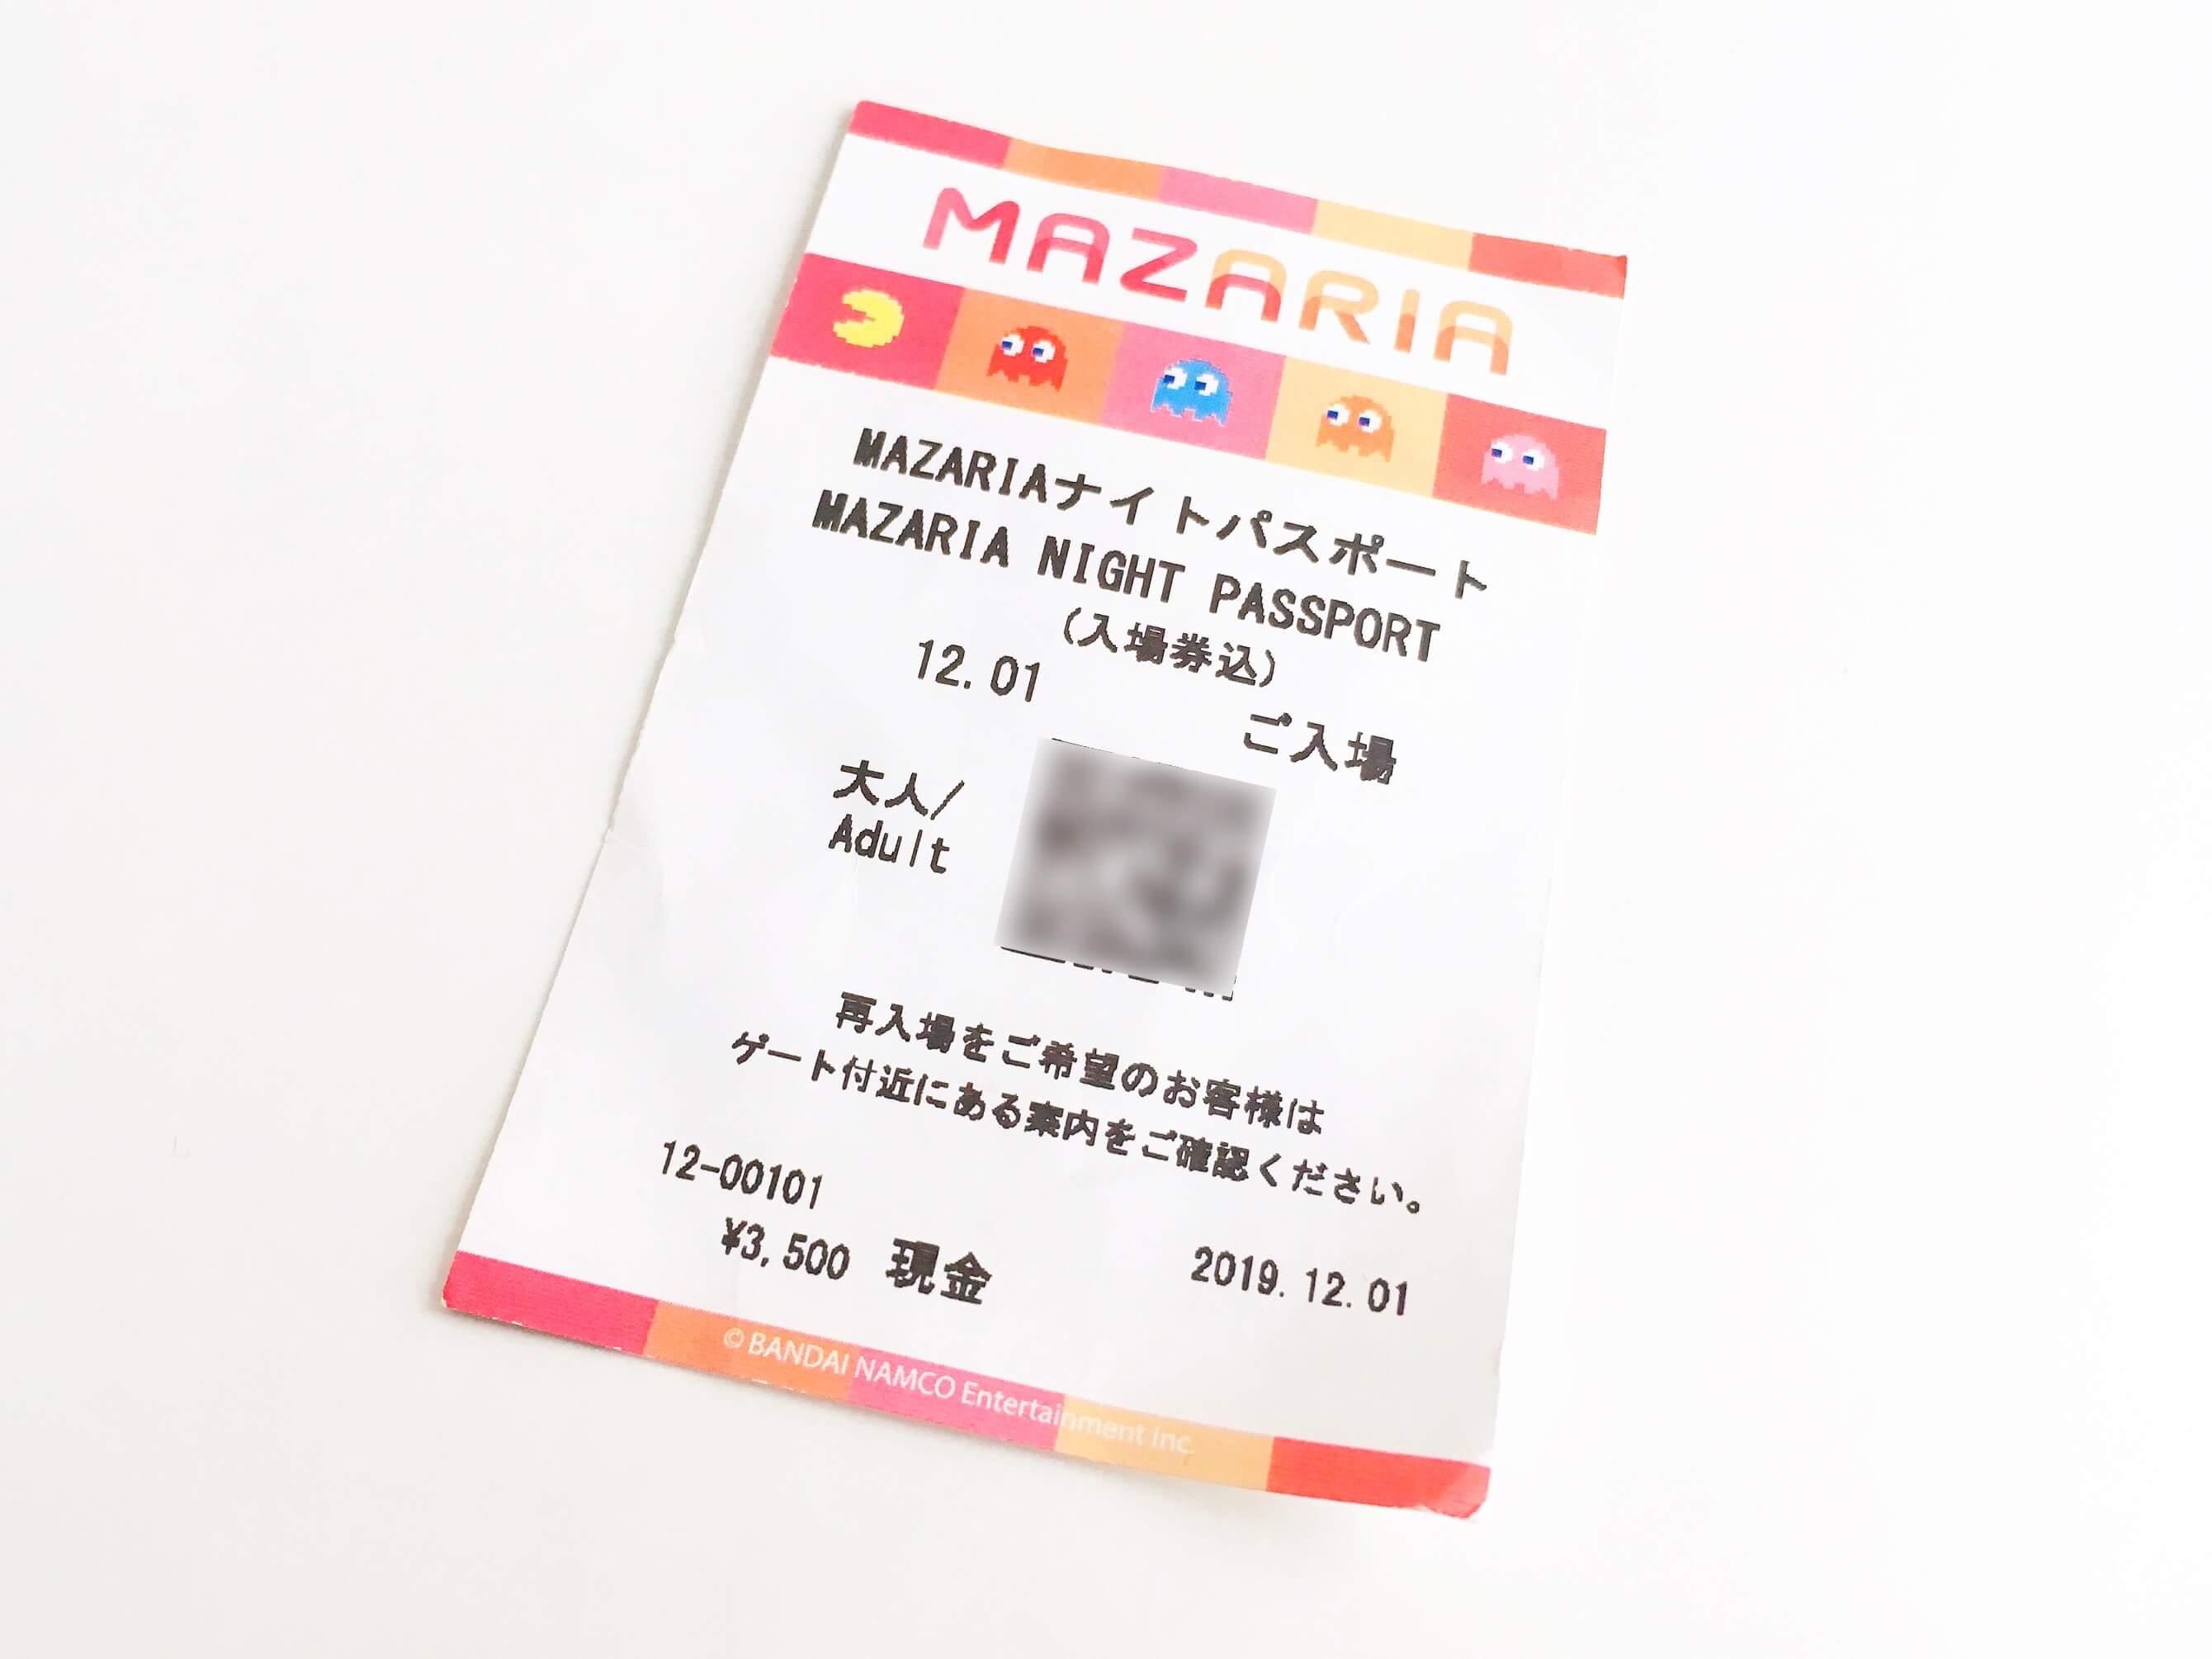 マザリア チケット